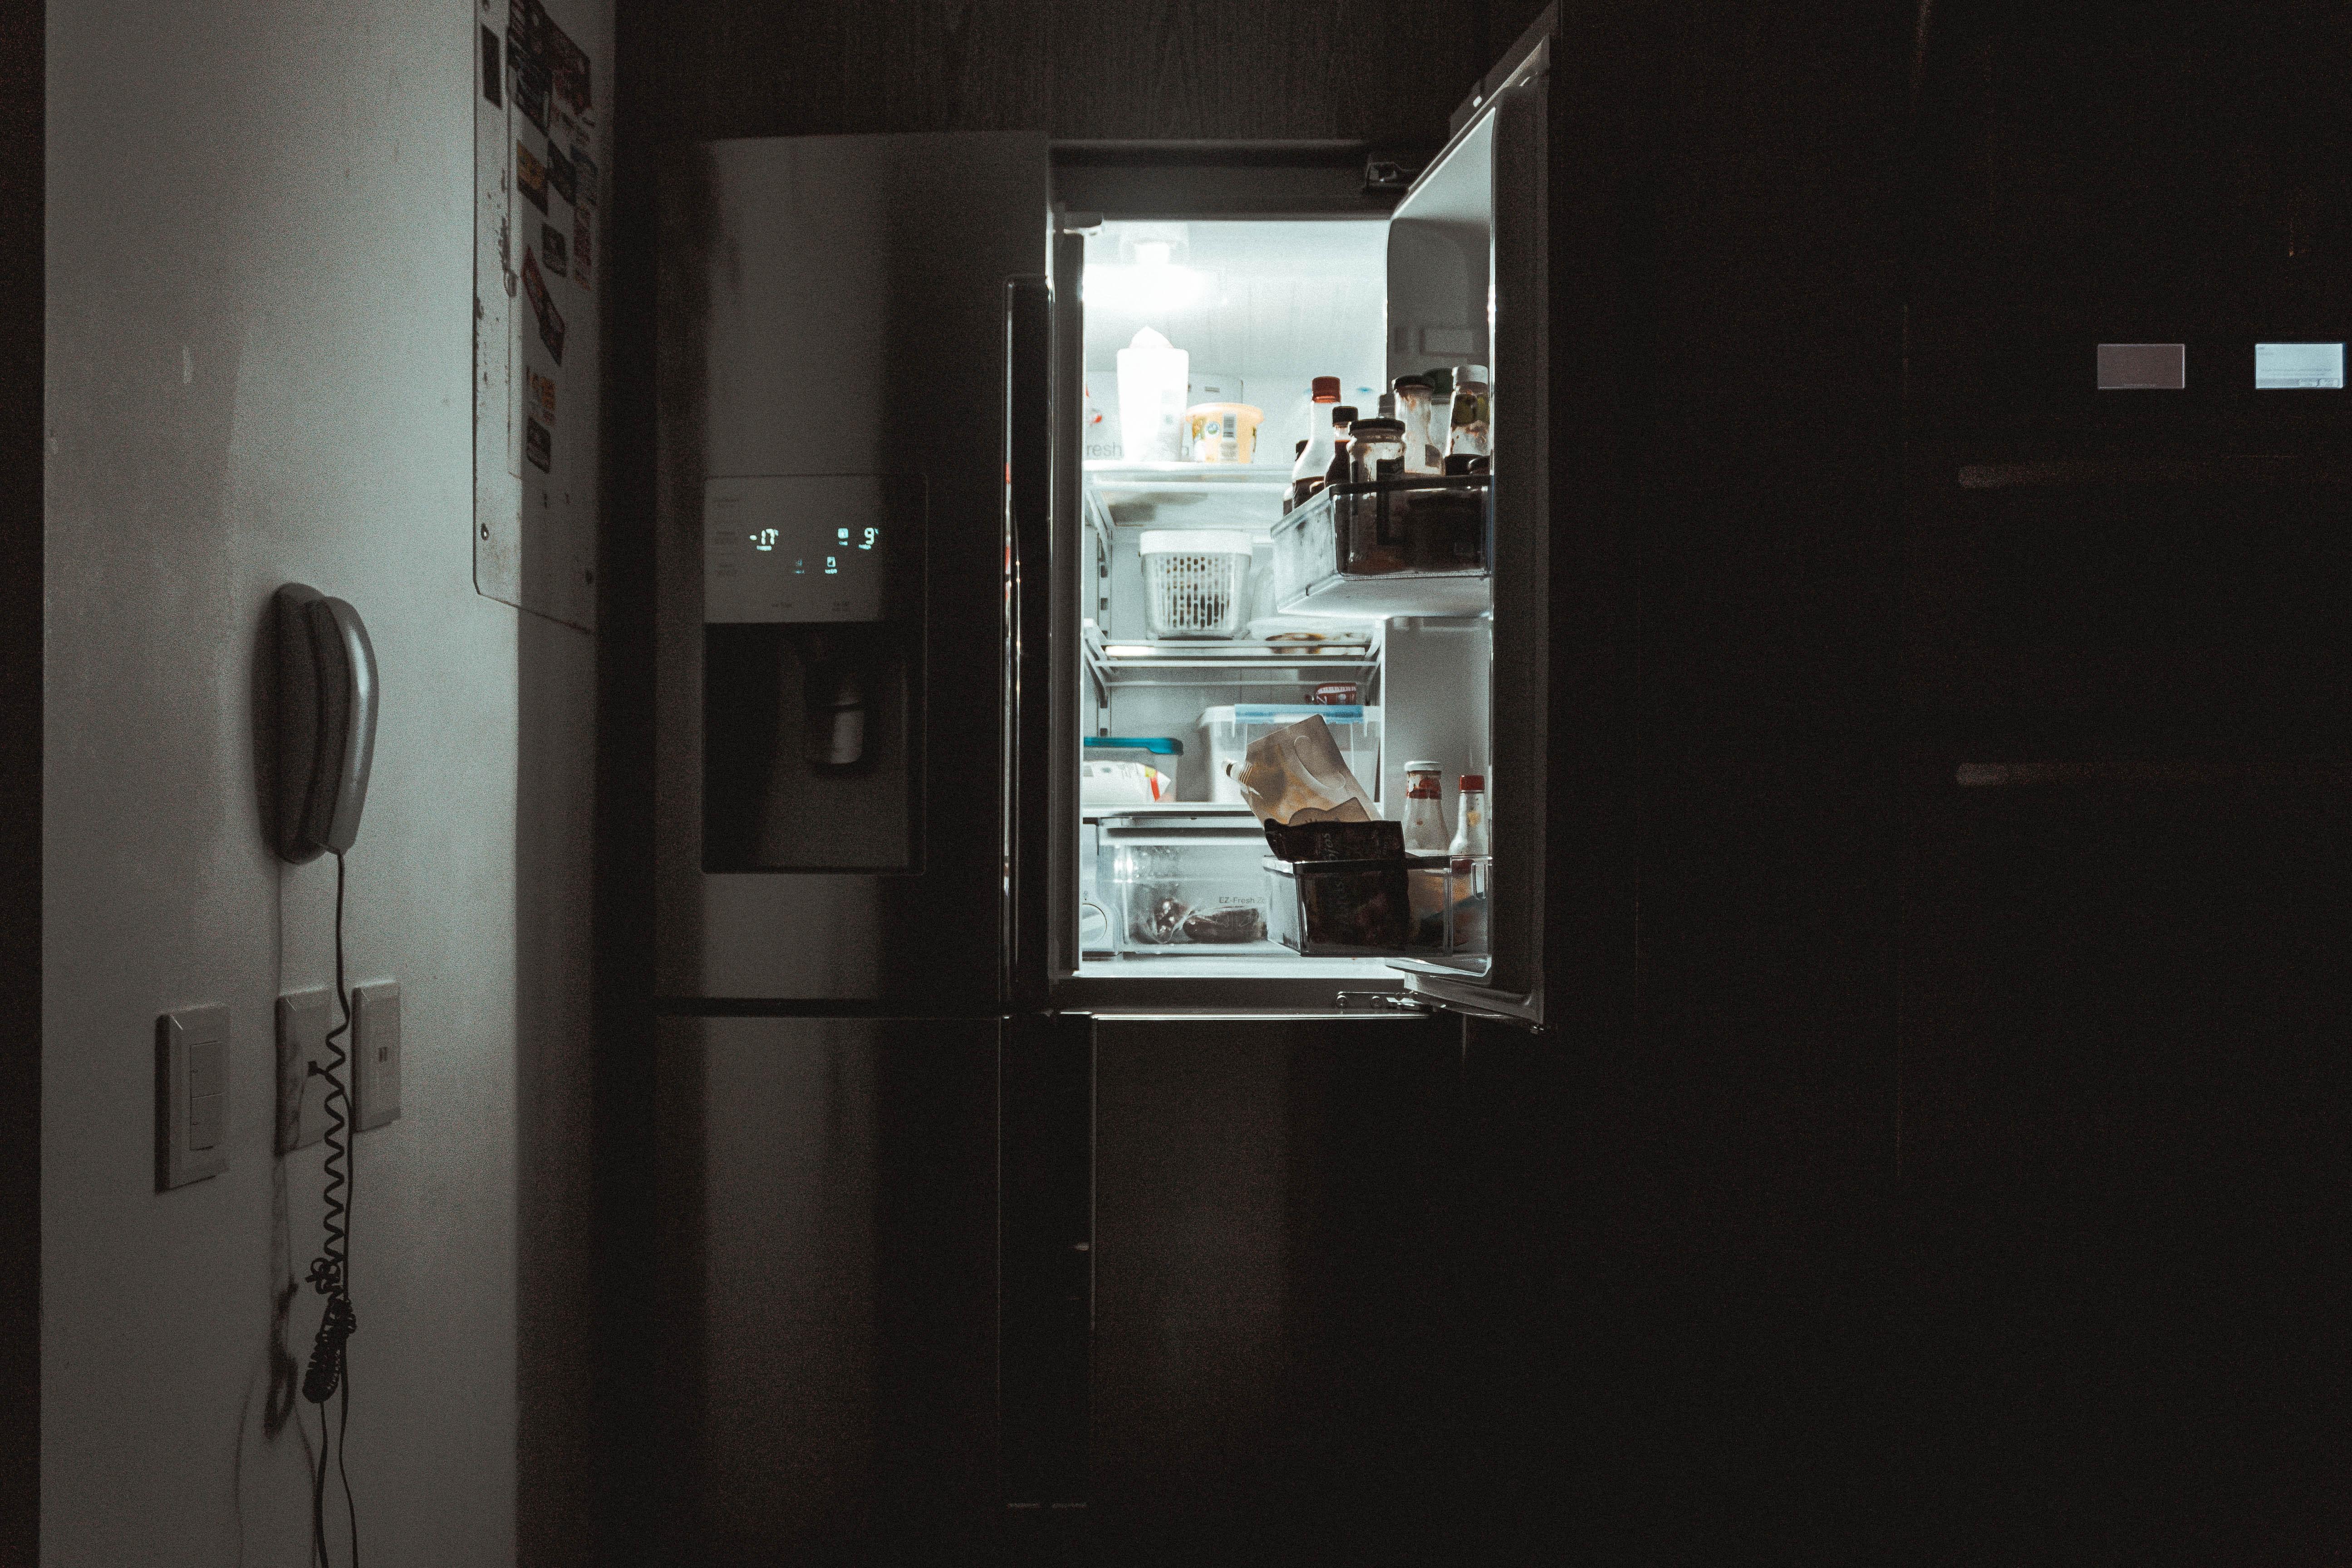 fridge open in the dark